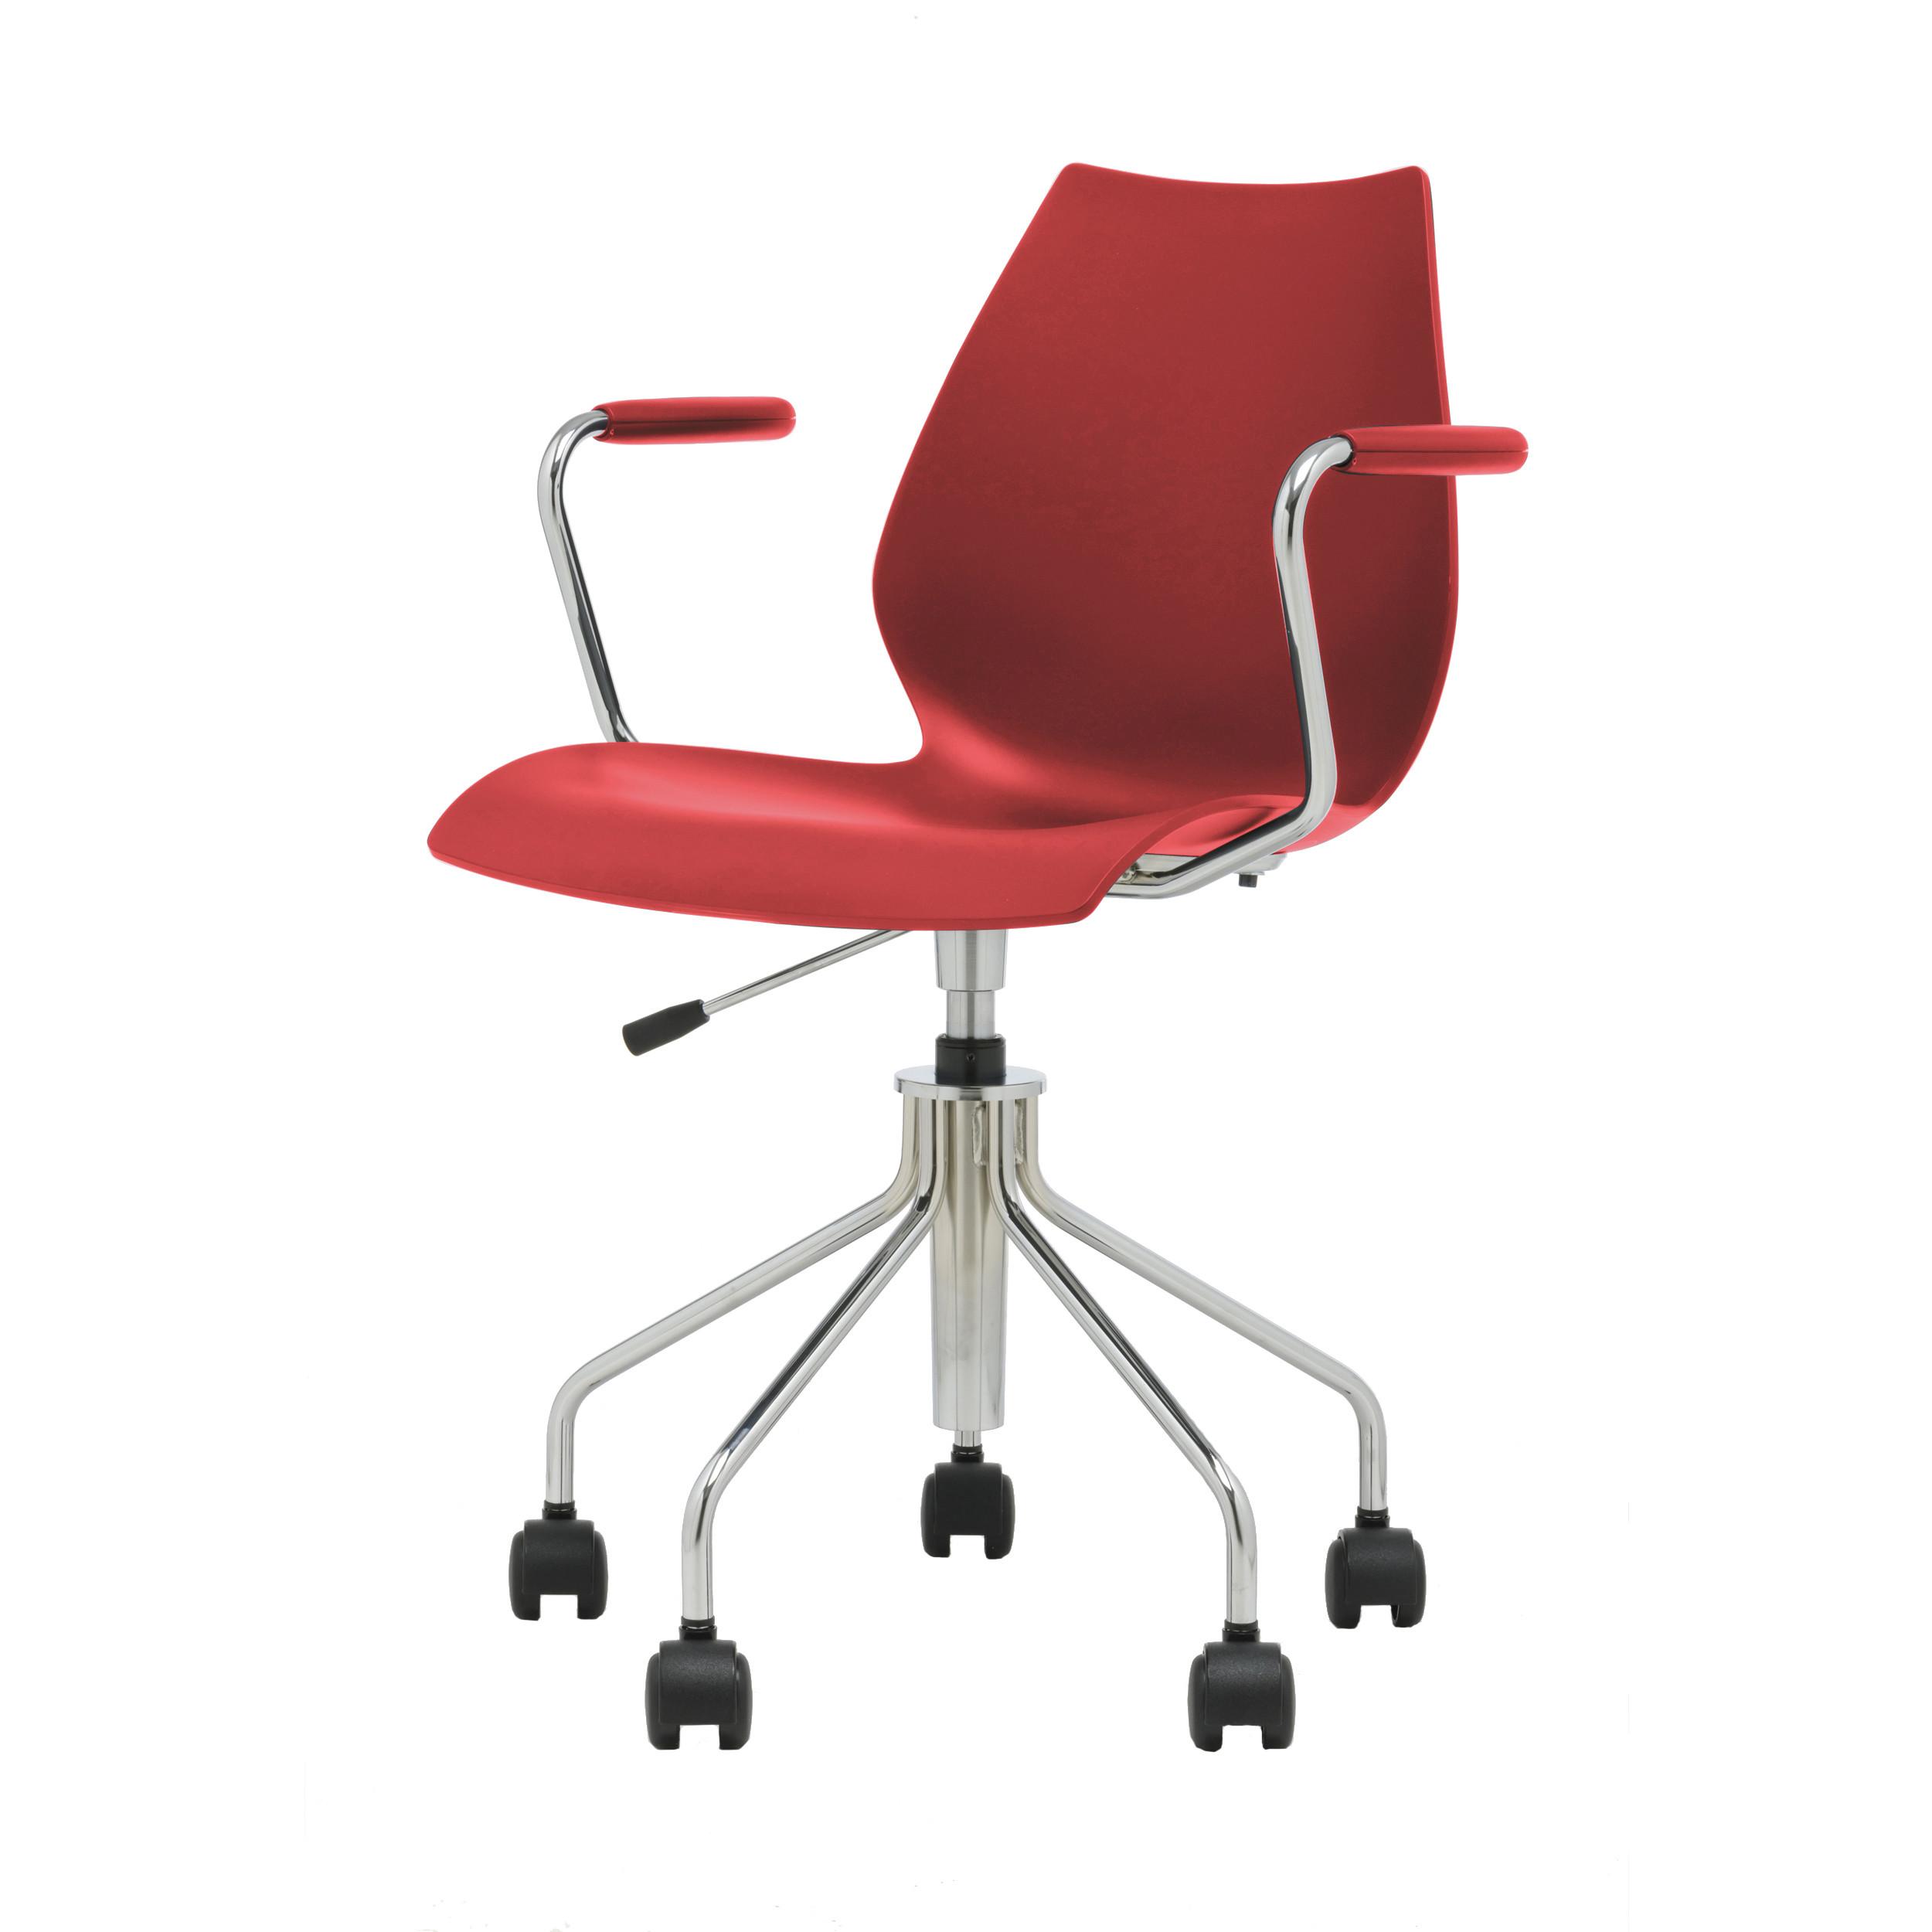 maui drehstuhl mit armlehnen und gasfeder online kaufen bei woonio. Black Bedroom Furniture Sets. Home Design Ideas